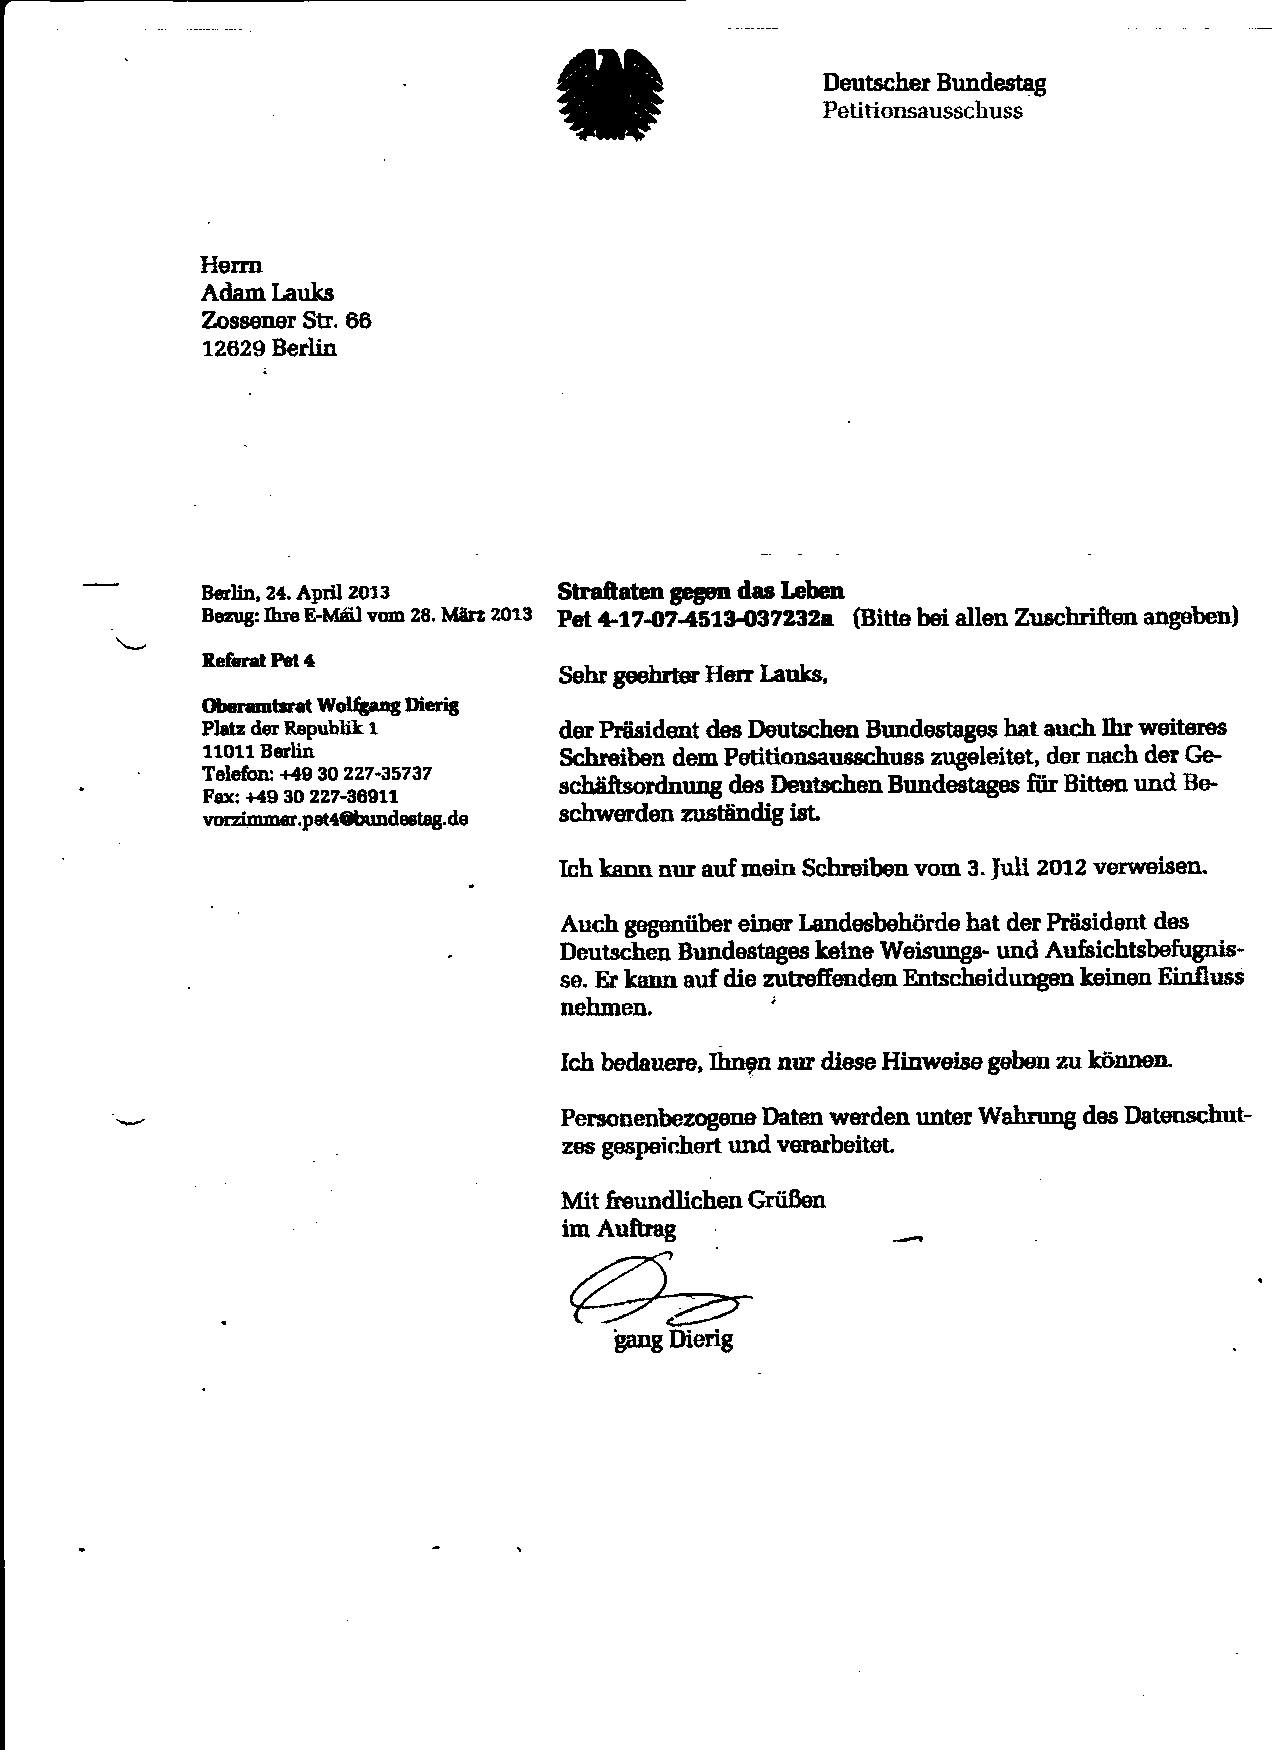 Strafvereitelung im Amt der BStU zum Nachteil des Folteropfers Adam Lauks wäre richtig